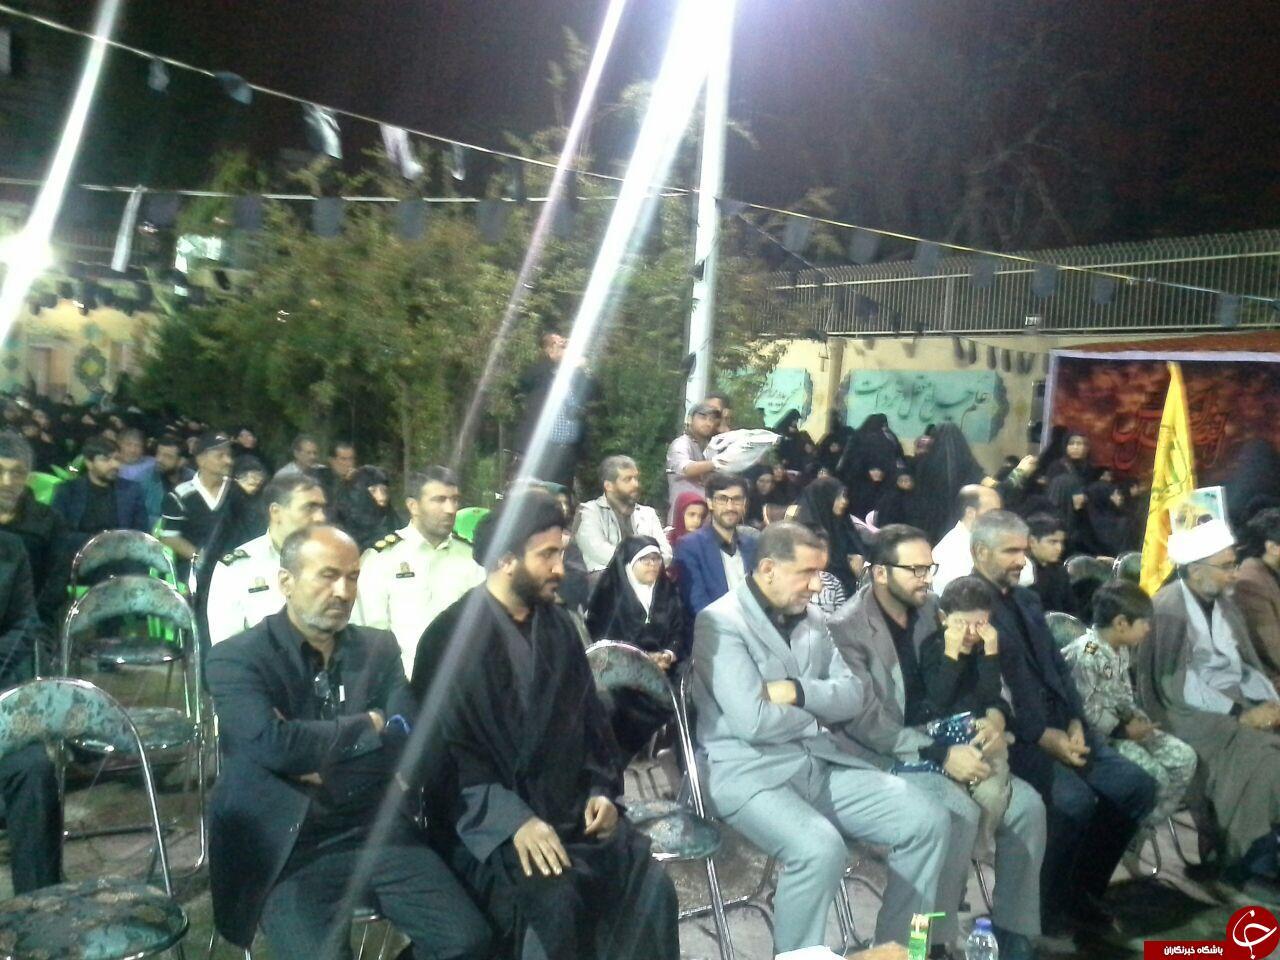 مراسم یادواره شهدای مدافع حرم و سالگرد شهادت شهید همدانی برگزارشد